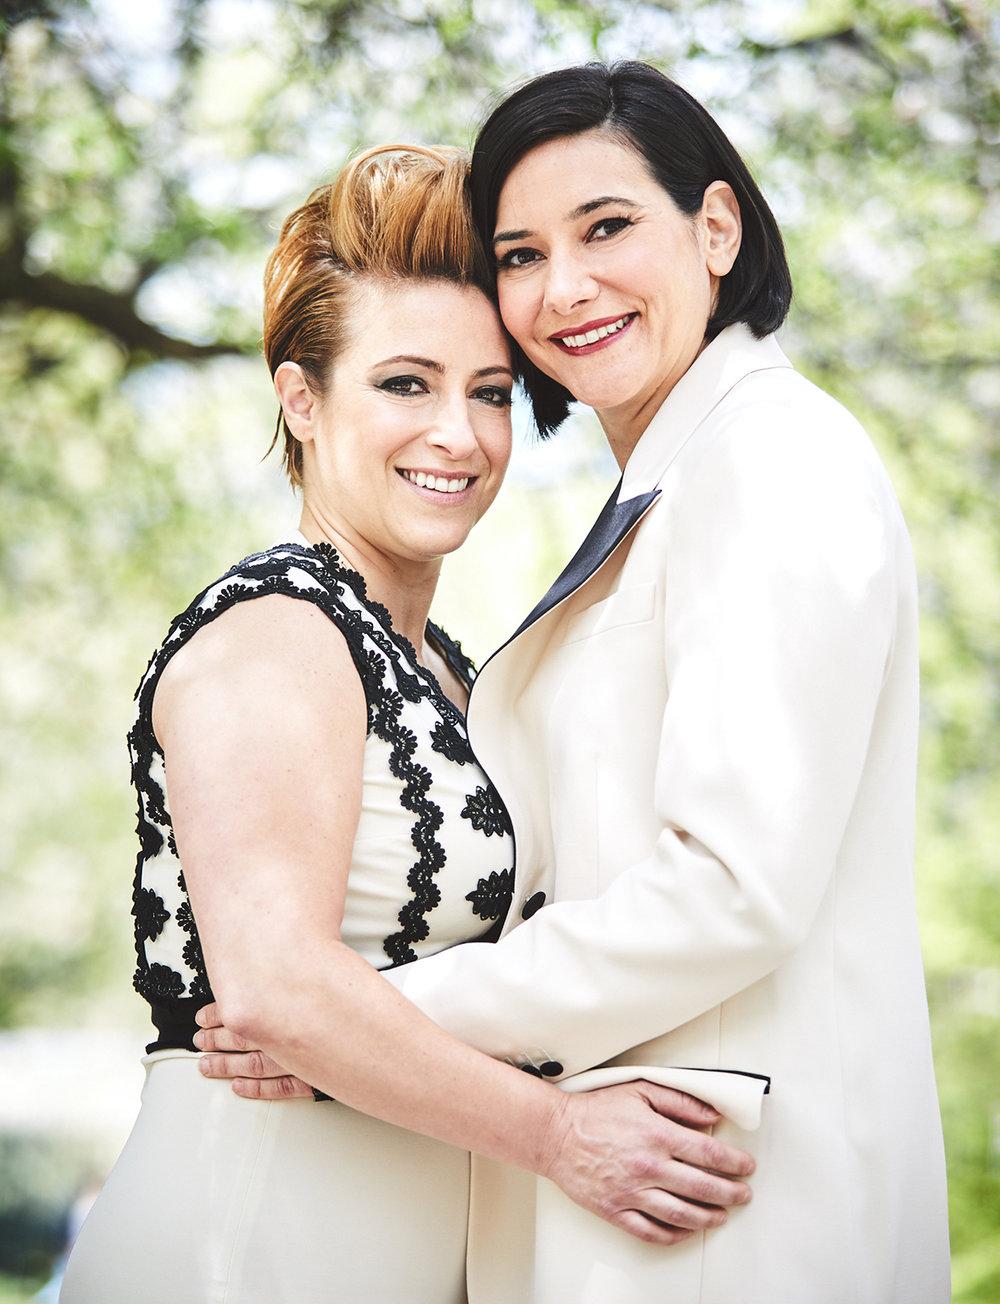 170423-SameSexWedding-GayWedding-LesbianWedding-CentralParkWedding-TheDanielWeddingPhotography_By_BriJohnsonWeddings_0034.jpg